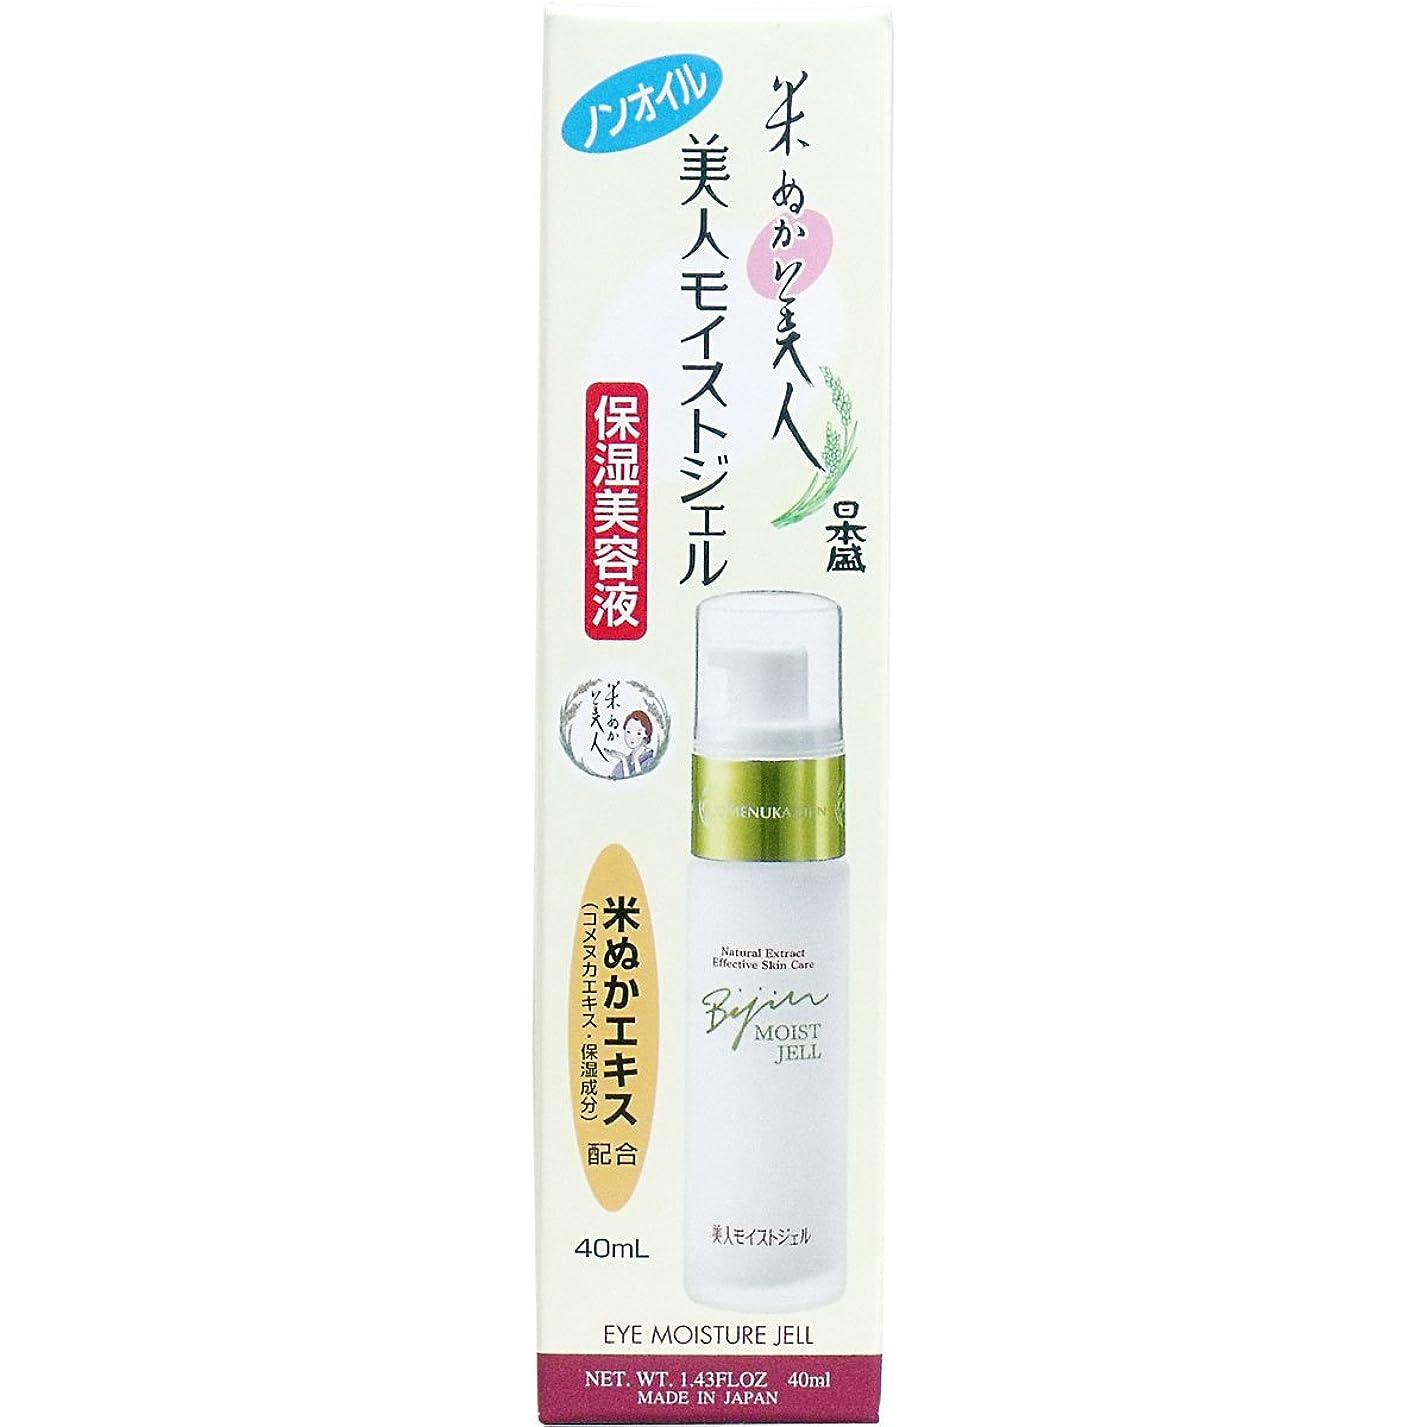 きらめきスポット理容師日本盛 米ぬか美人 モイストジェル 40ml hs